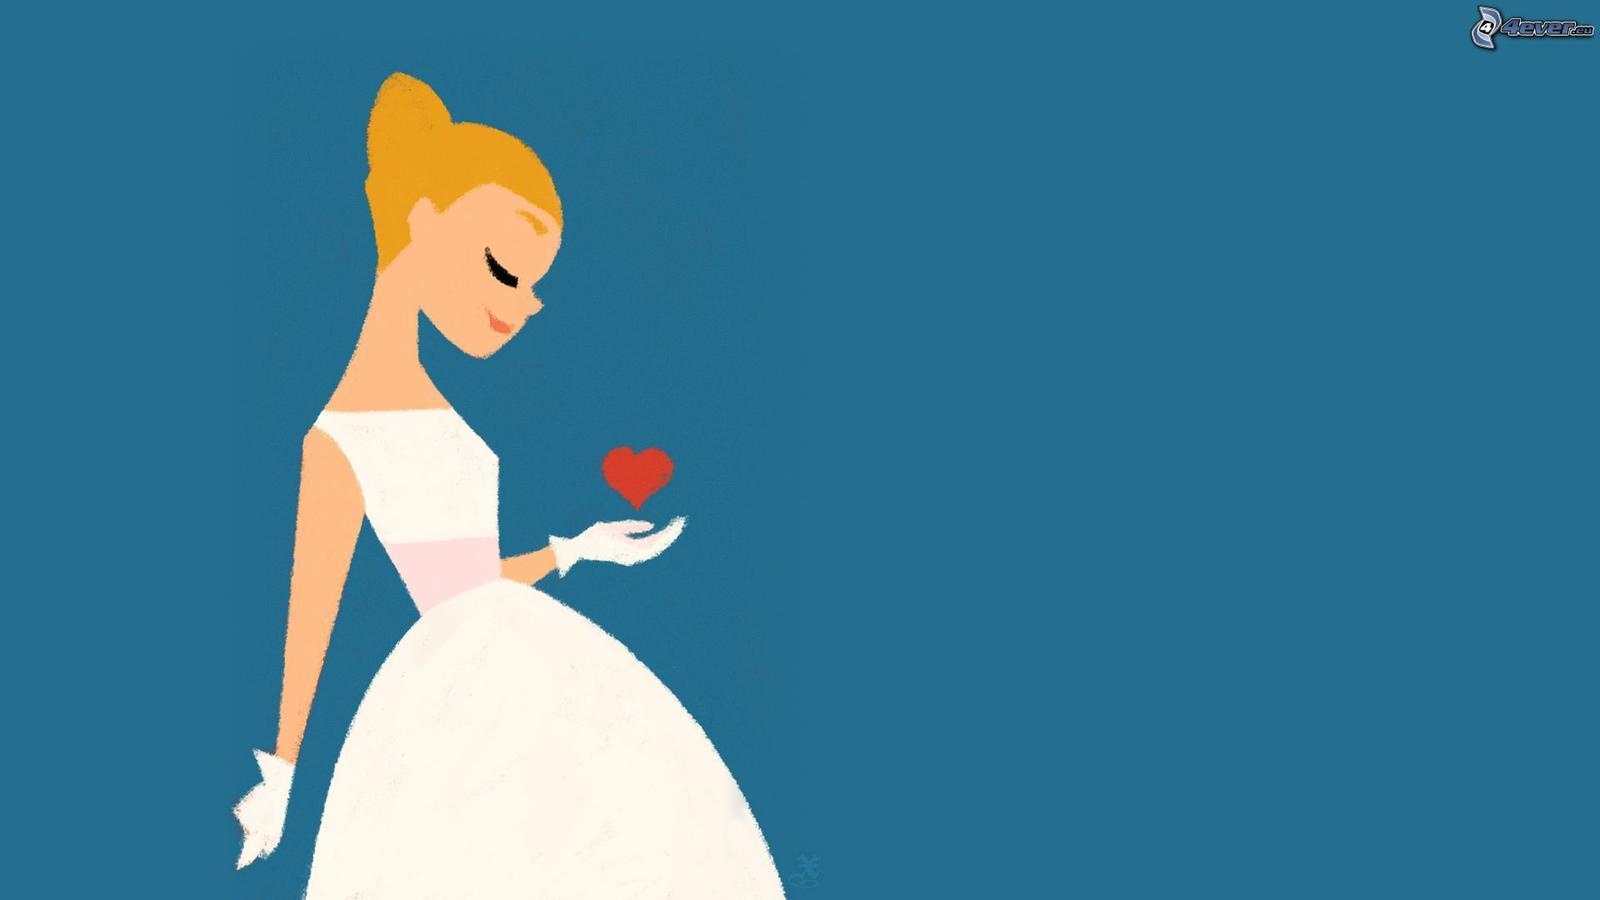 Ahojte žienky. Chcela by som Vás požiadať o radu. Svadbu budeme mať 17. 10. 2015, ale dovtedy potrebujem schudnúť. Viem, nechala som si to na poslednú chvíľu :-( čo už so mnou... Ale chcela som sa spýtať, že či zoženiem svadobné šaty, keď si ich pôjdem skúšať až v auguste - septembri??? Ďakujem :-) - Obrázok č. 1